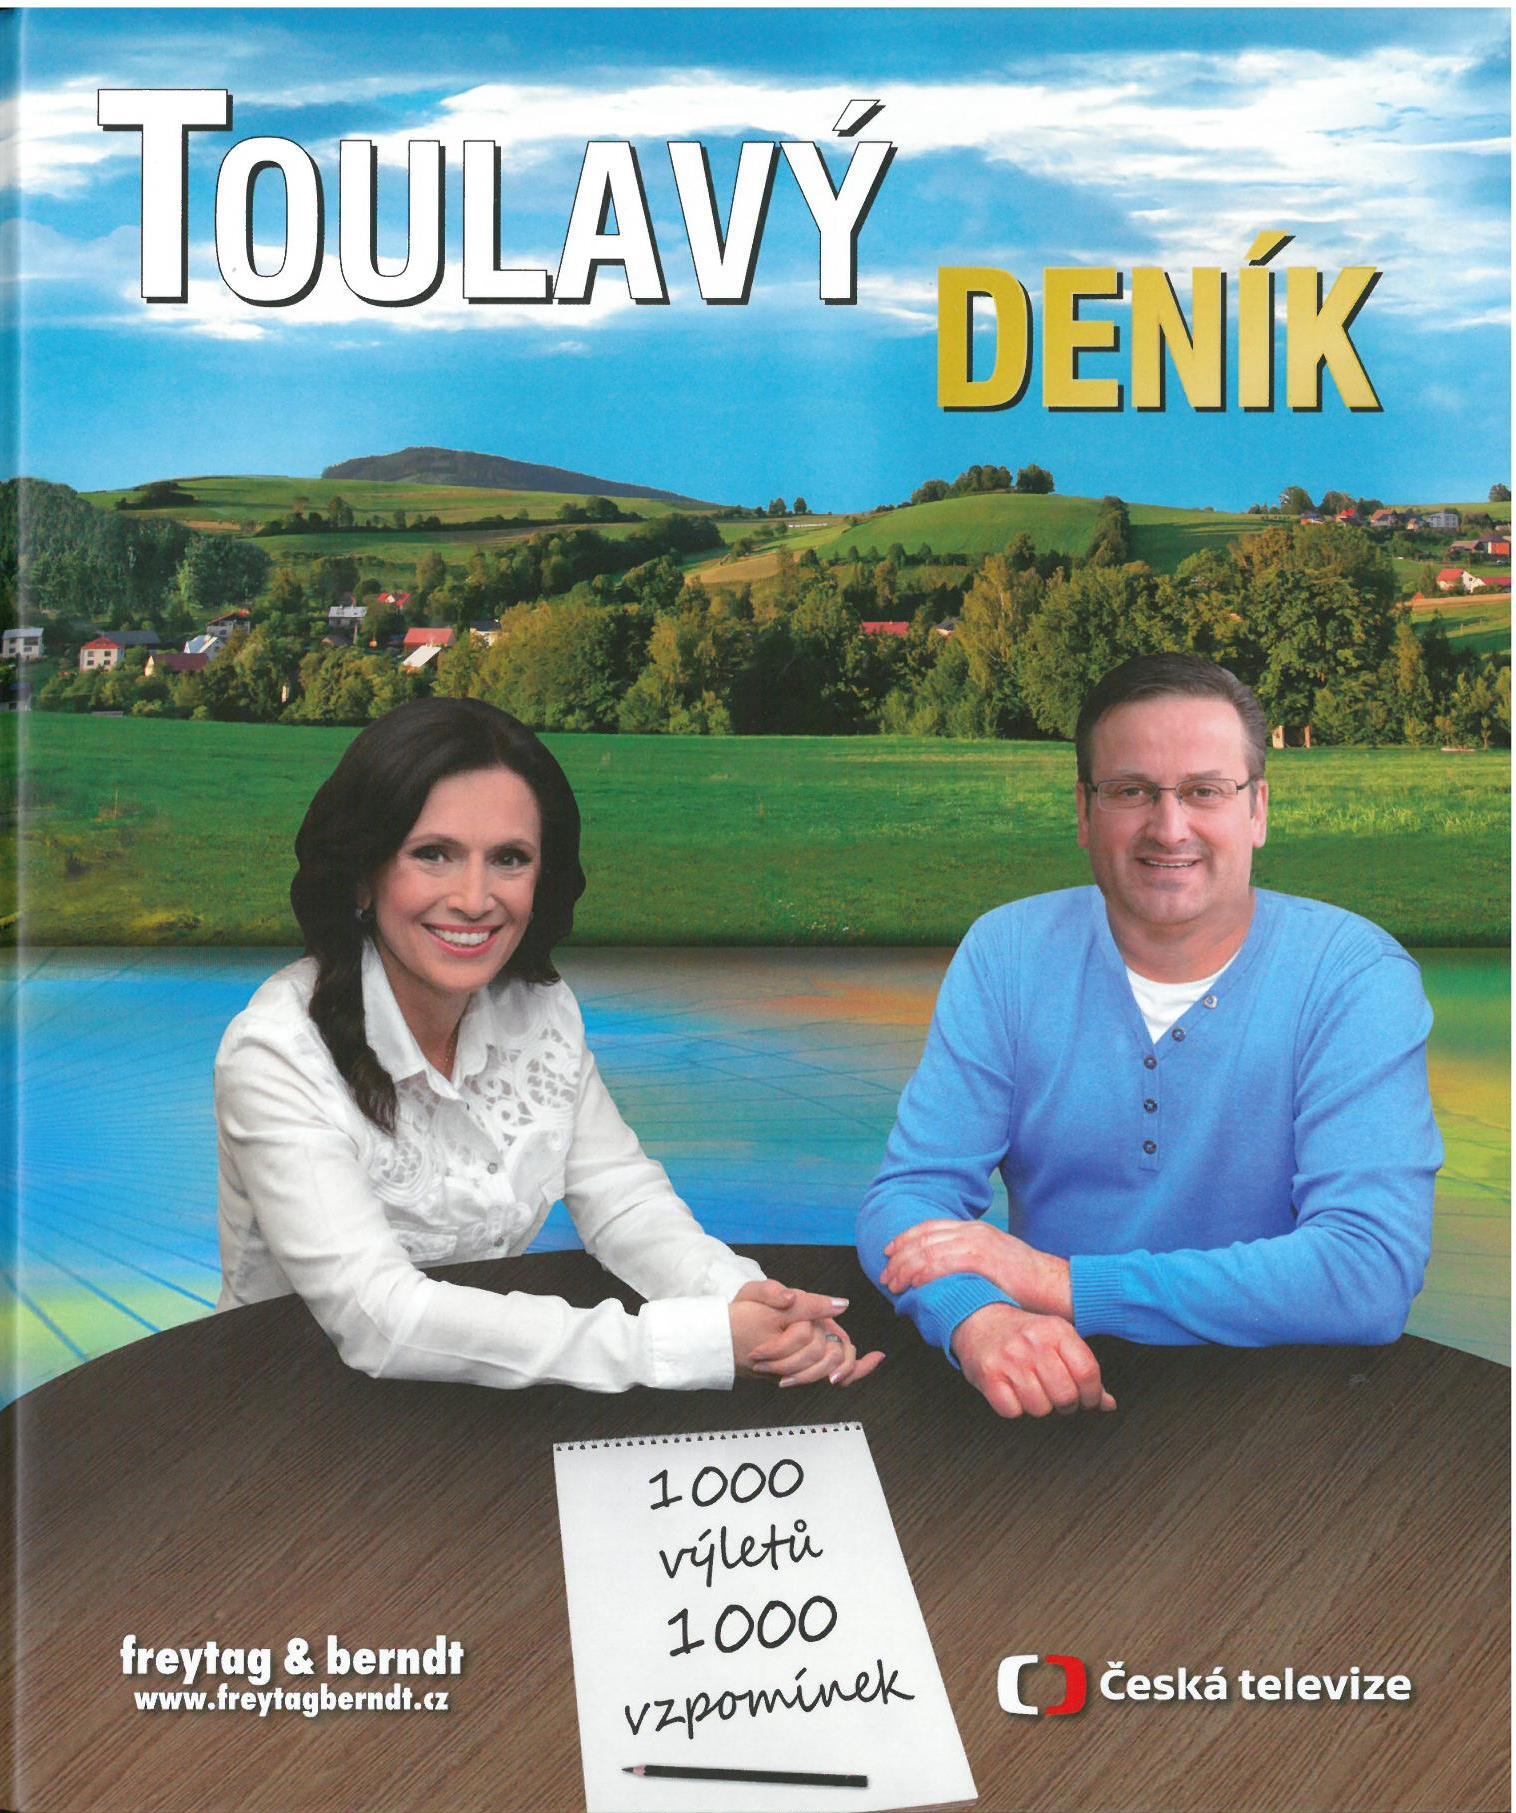 OBRÁZEK : toulavy_denik.jpg